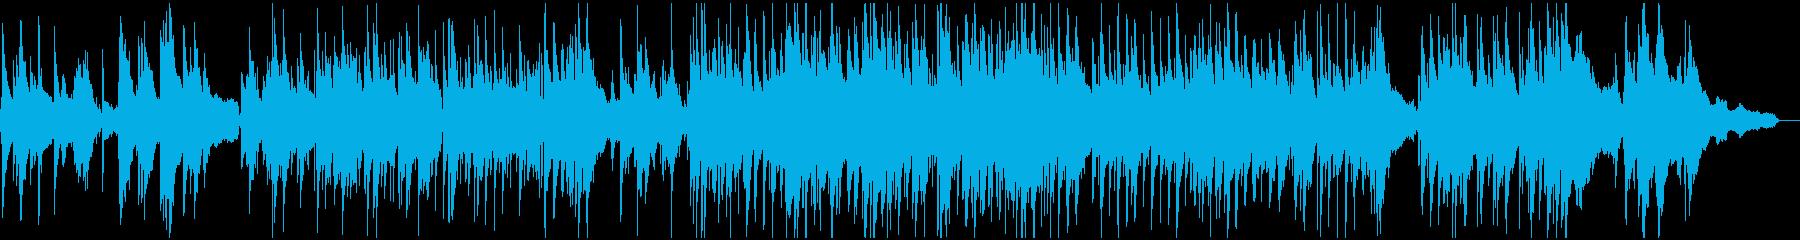 童謡『おぼろ月夜』のしっとりジャズの再生済みの波形